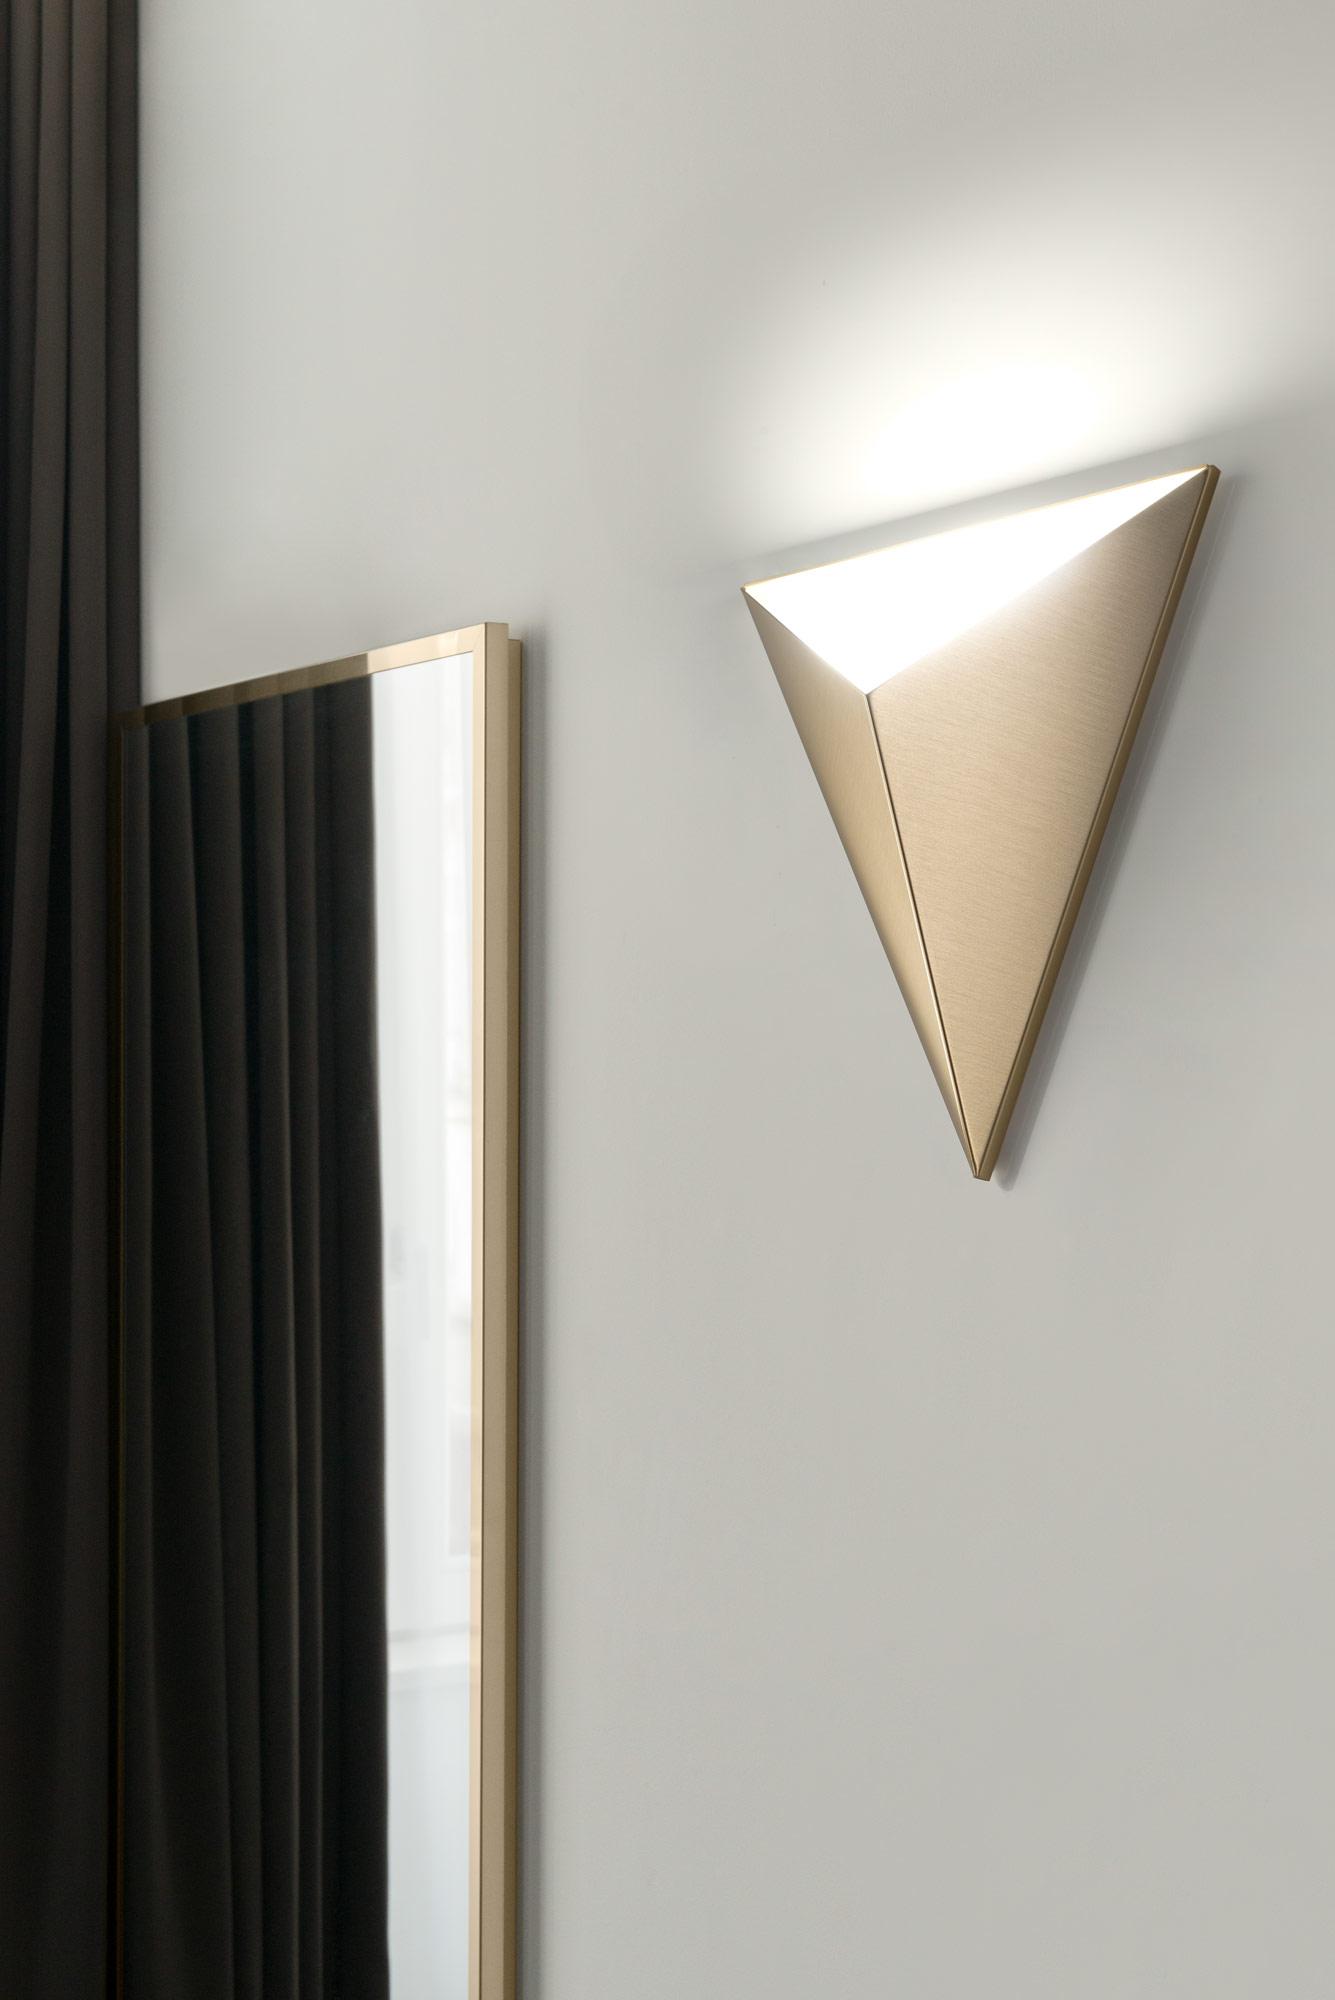 Installation Gallery Wall Lighting